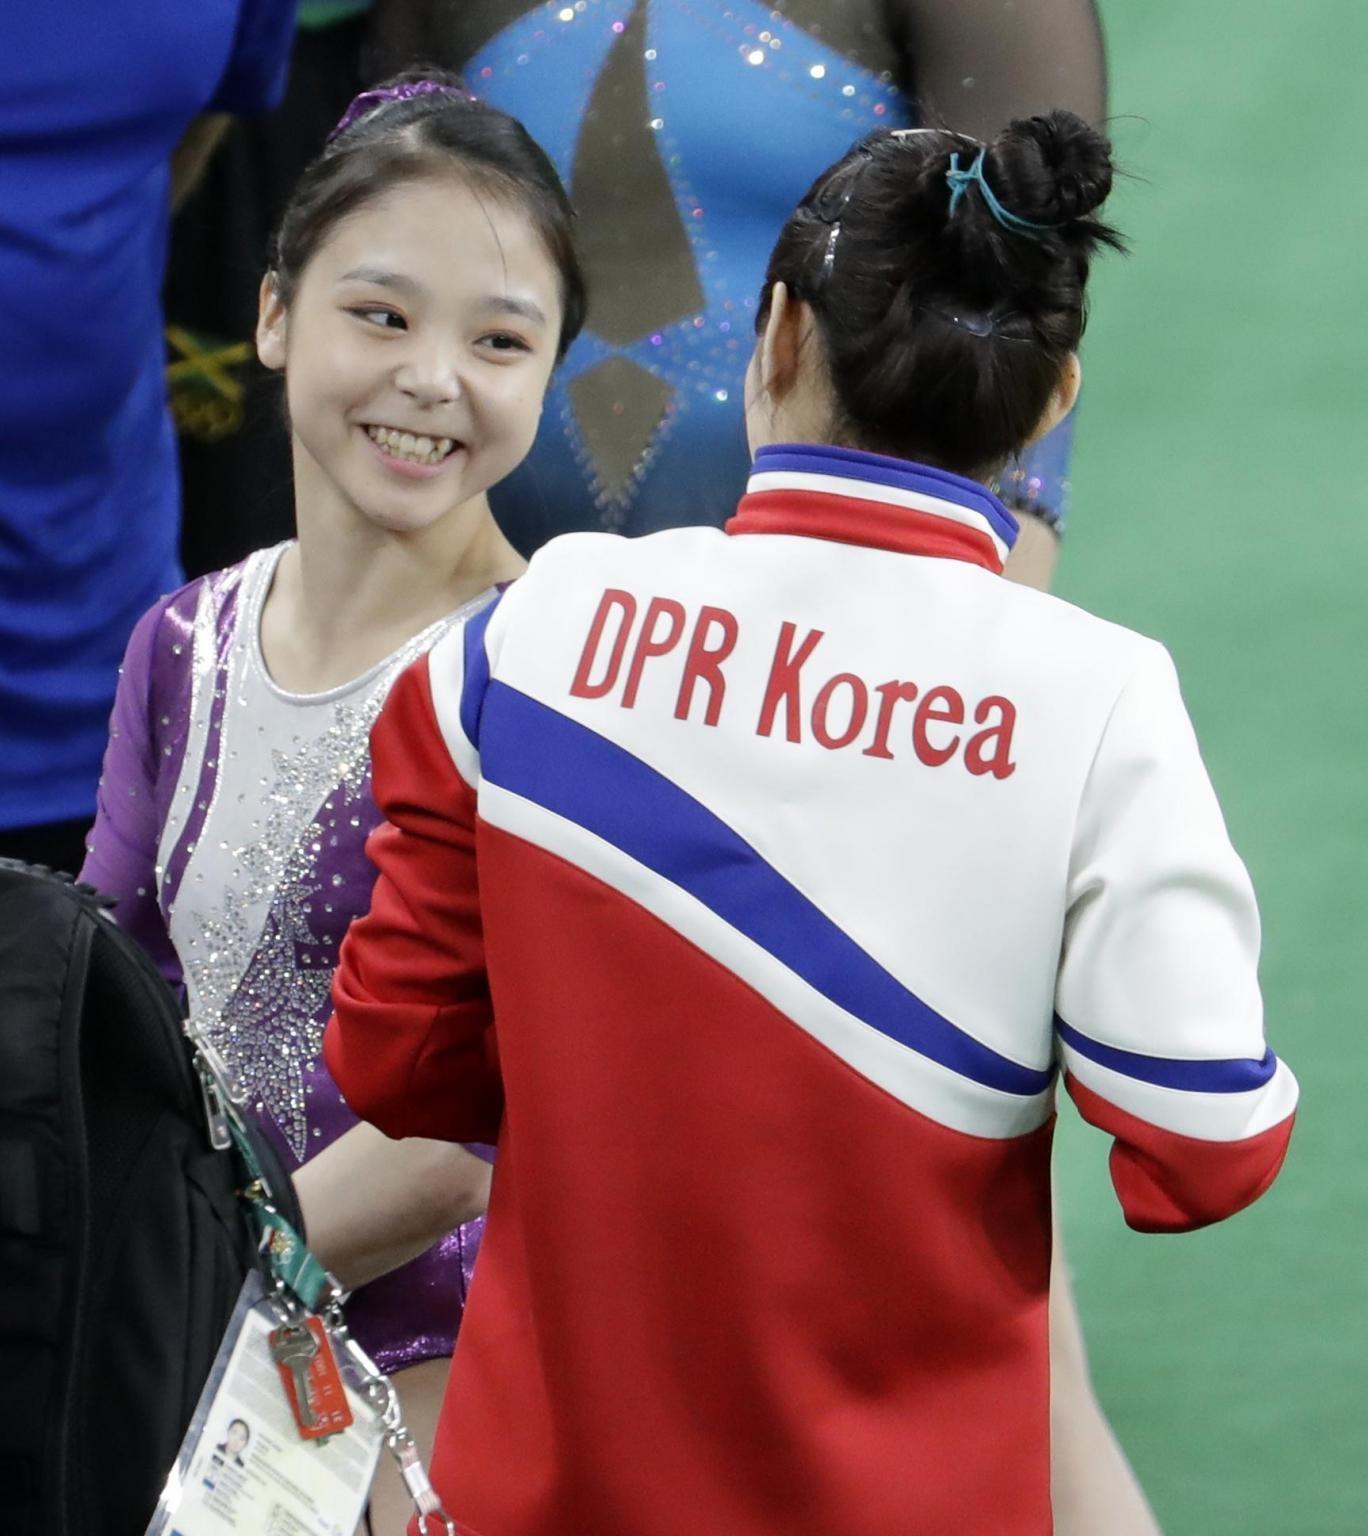 Hai nữ vận động viên trò chuyện vui vẻ cùng nhau (Ảnh: Reuters)